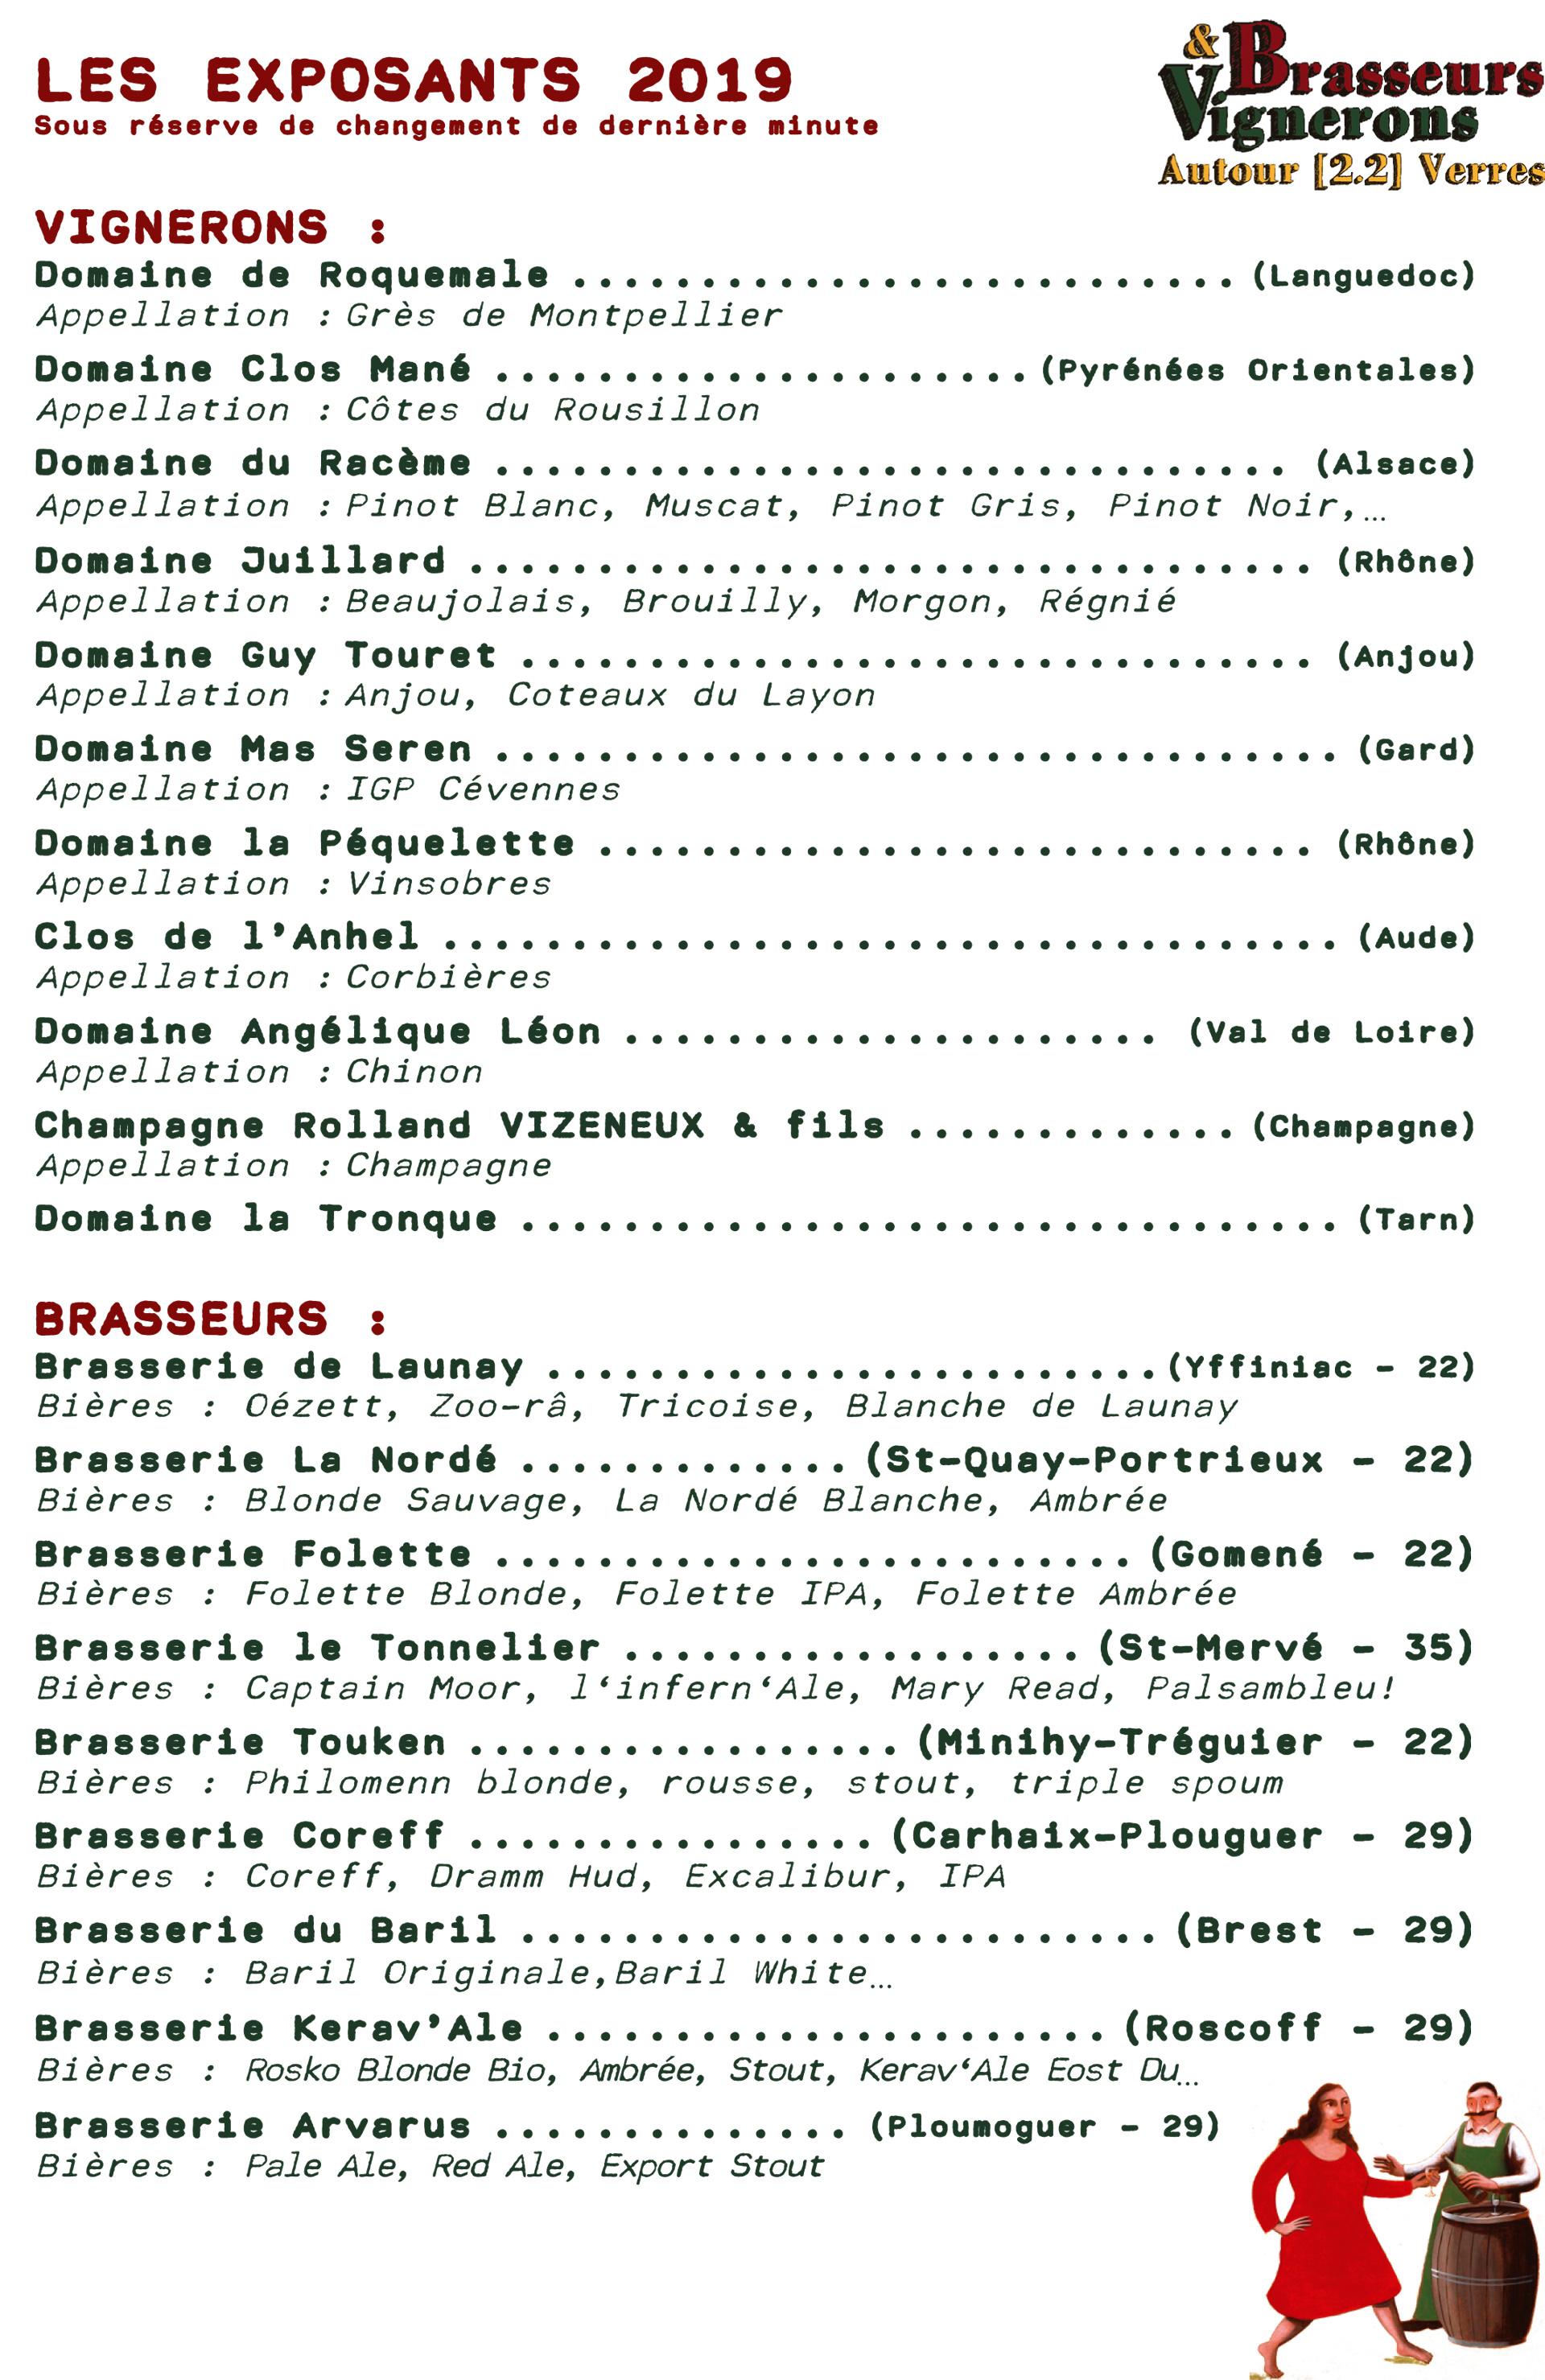 Liste Exposants Autour22verres 2019